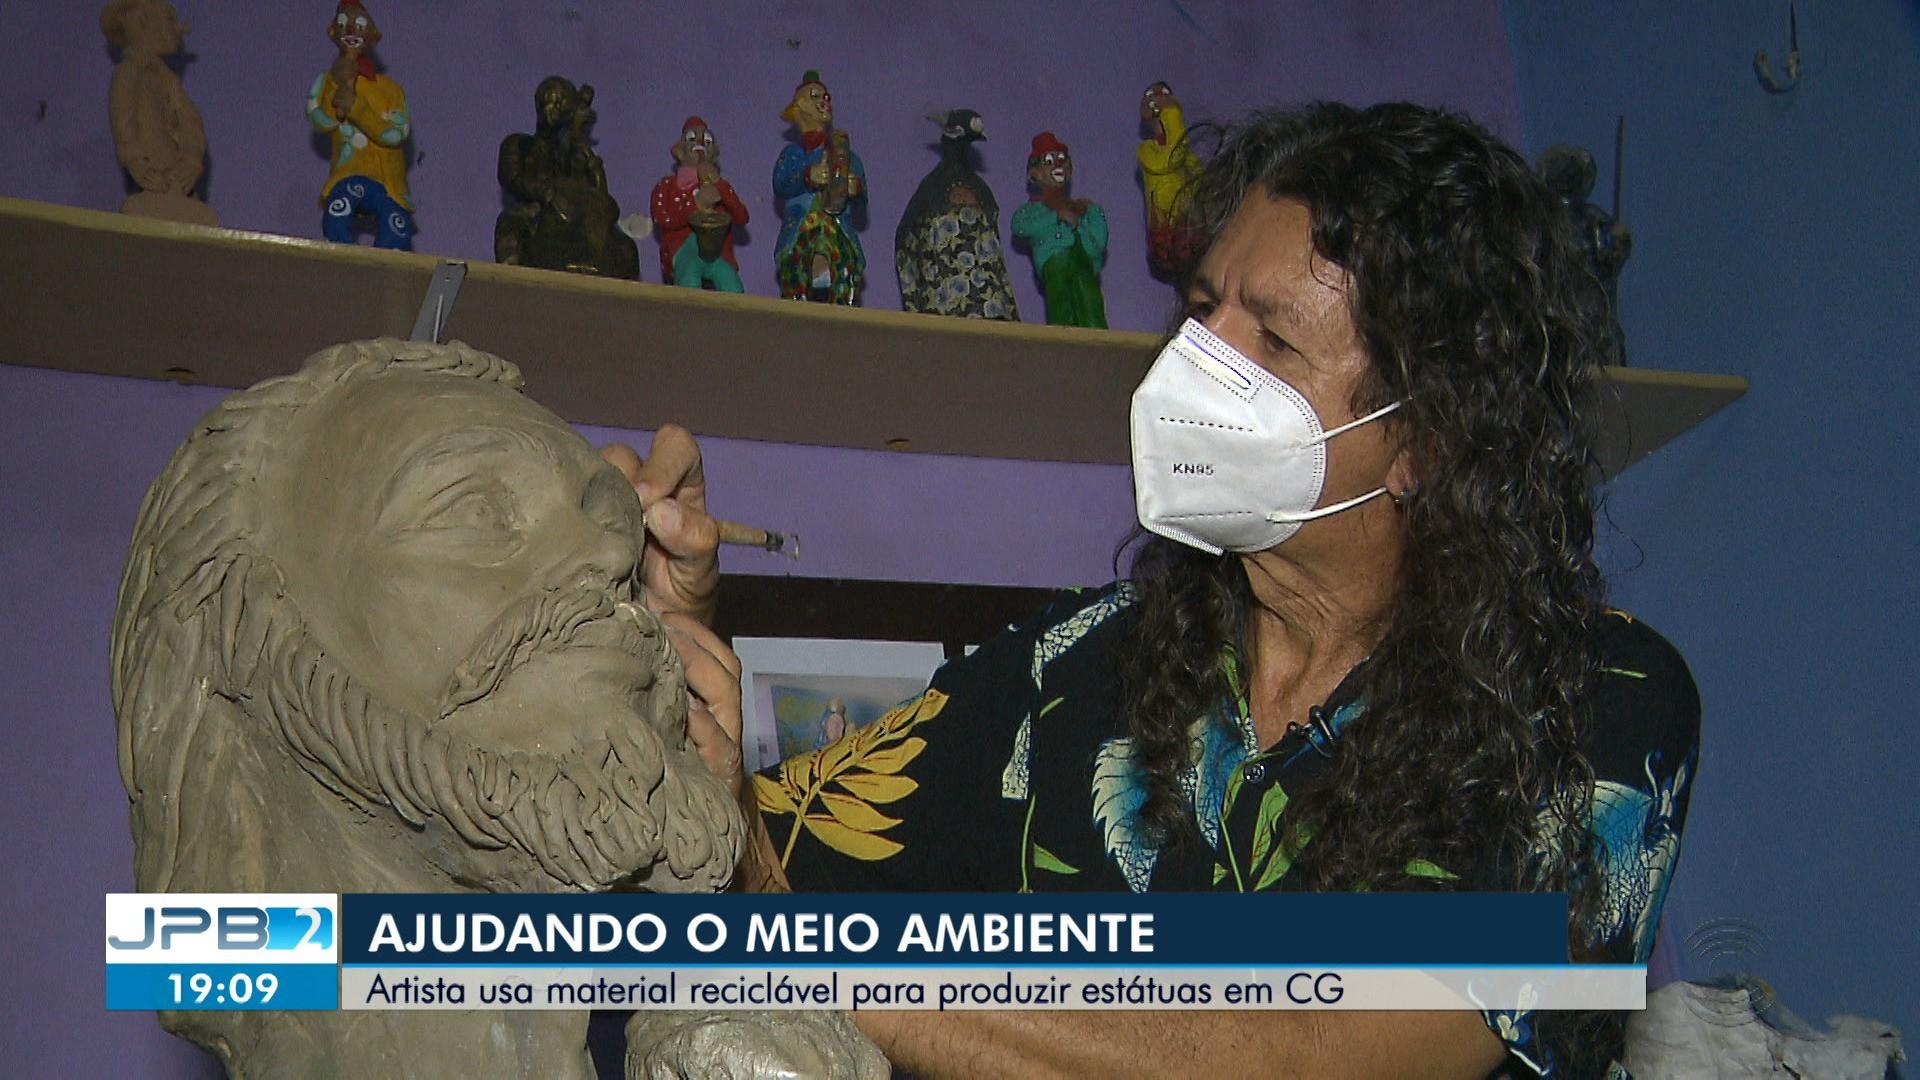 VÍDEOS: JPB2 (TV Paraíba) desta quarta-feira, 28 de outubro